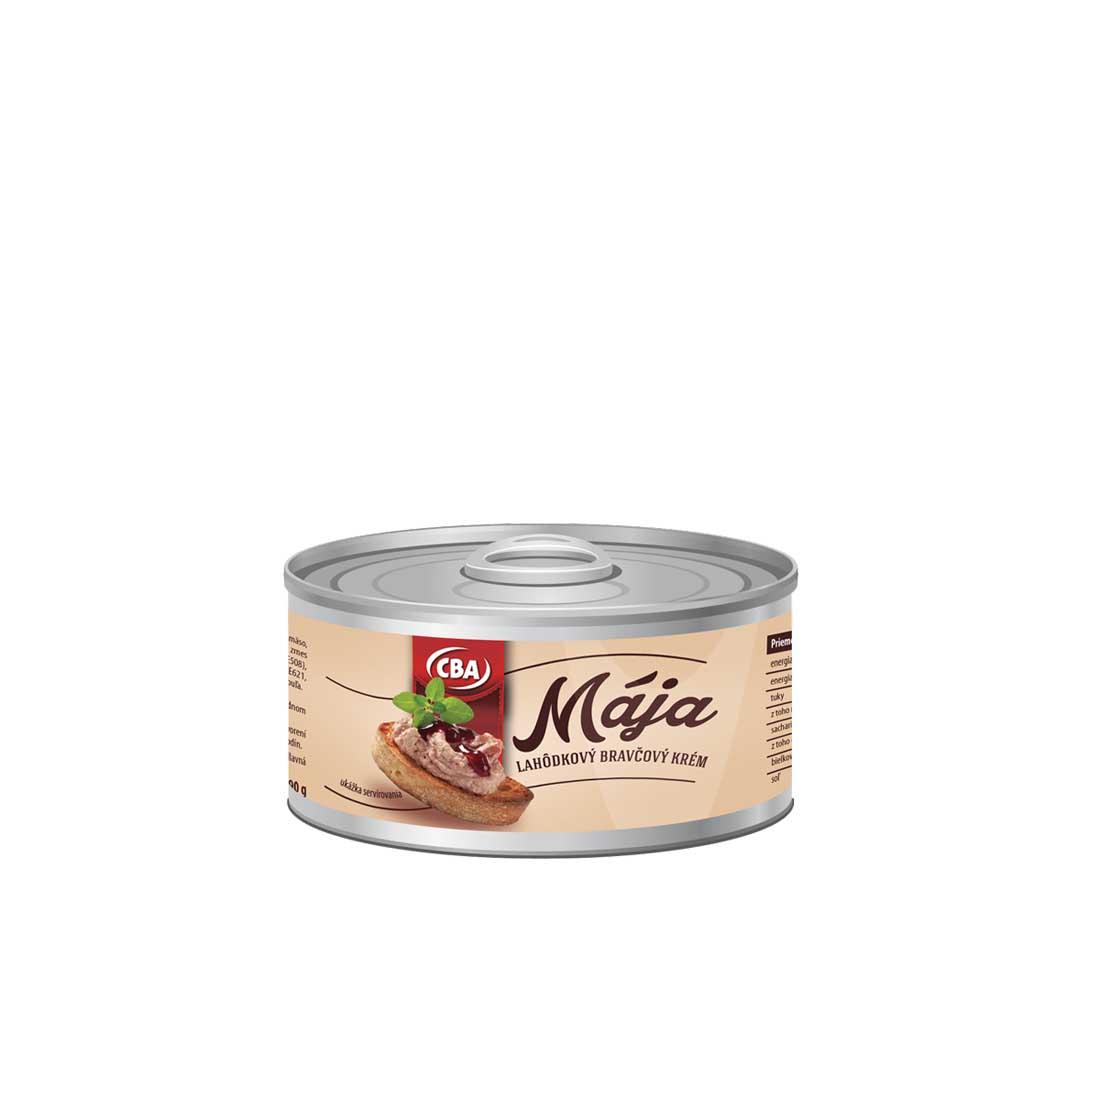 CBA Mája lahôdkový bravčový krém 190 g